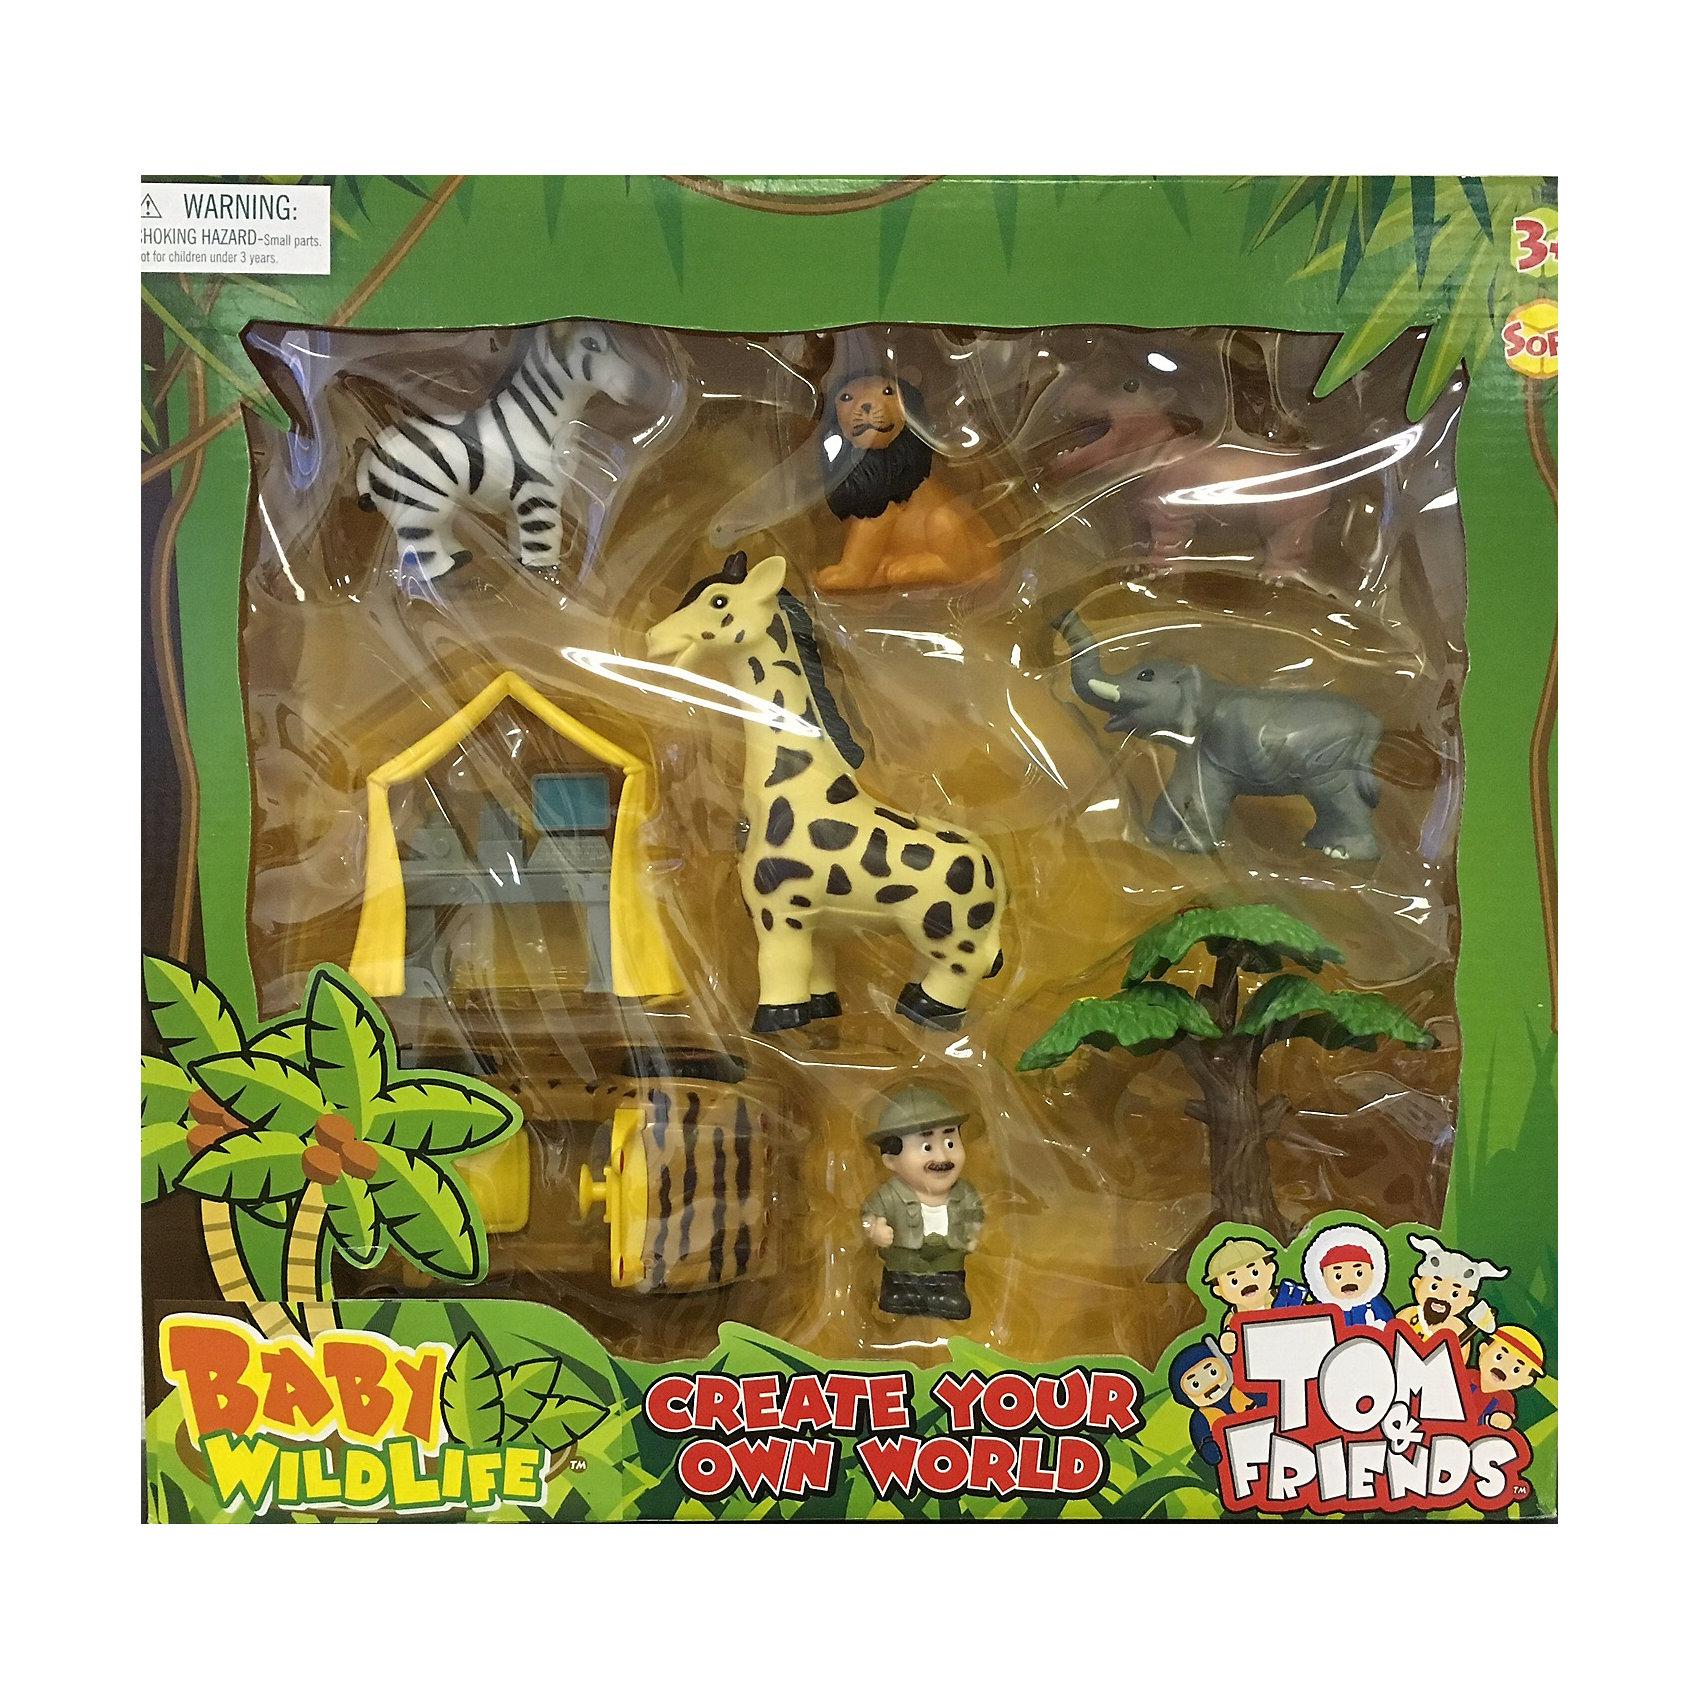 Набор Домашние животные, Toy MajorИгровые наборы фигурок<br>Набор Домашние животные, Toy Major – этот игровой набор обязательно увлечет вашего ребенка.<br>Набор Домашние животные – это маленькие фигурки животных Африки и детали их среды обитания в стиле «сафари», выполненные из мягкой пластмассы. Фигурки компактные, без подвижных деталей и безопасны для малыша.<br><br>Дополнительная информация:<br><br>- В наборе: машинка, палатка, дерево, человечек, зебра, лев, бегемот, жираф, слон<br>- Материал: мягкий полимер<br>- Размер упаковки: 42х39х10 см.<br><br>Набор Домашние животные, Toy Major можно купить в нашем интернет-магазине.<br><br>Ширина мм: 400<br>Глубина мм: 100<br>Высота мм: 380<br>Вес г: 900<br>Возраст от месяцев: 36<br>Возраст до месяцев: 96<br>Пол: Унисекс<br>Возраст: Детский<br>SKU: 4747487